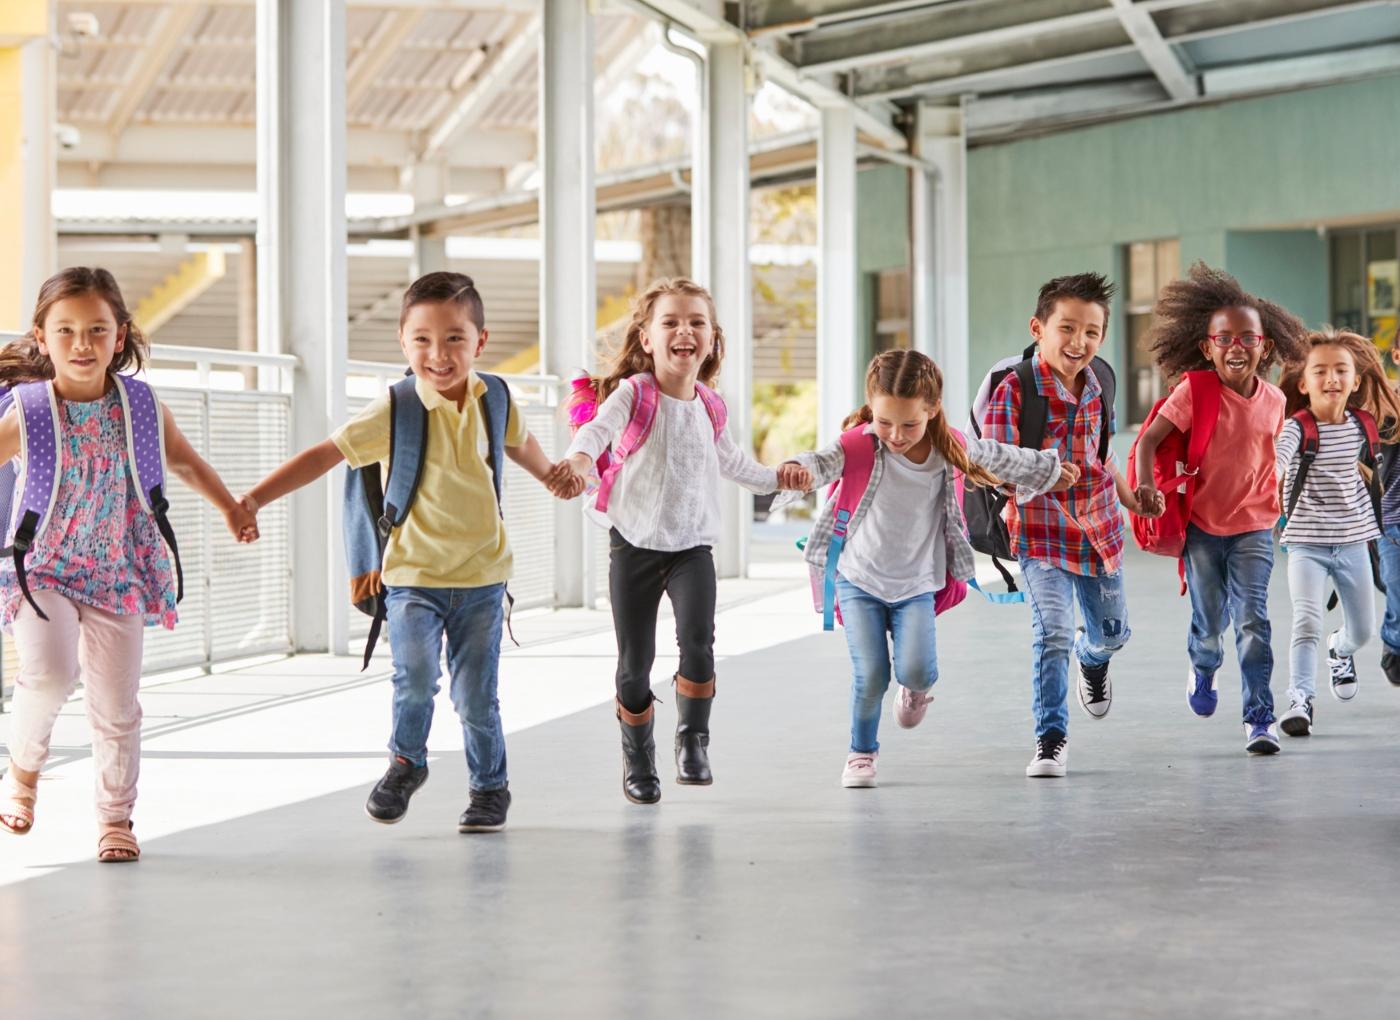 Crianças de mãos dadas na escola